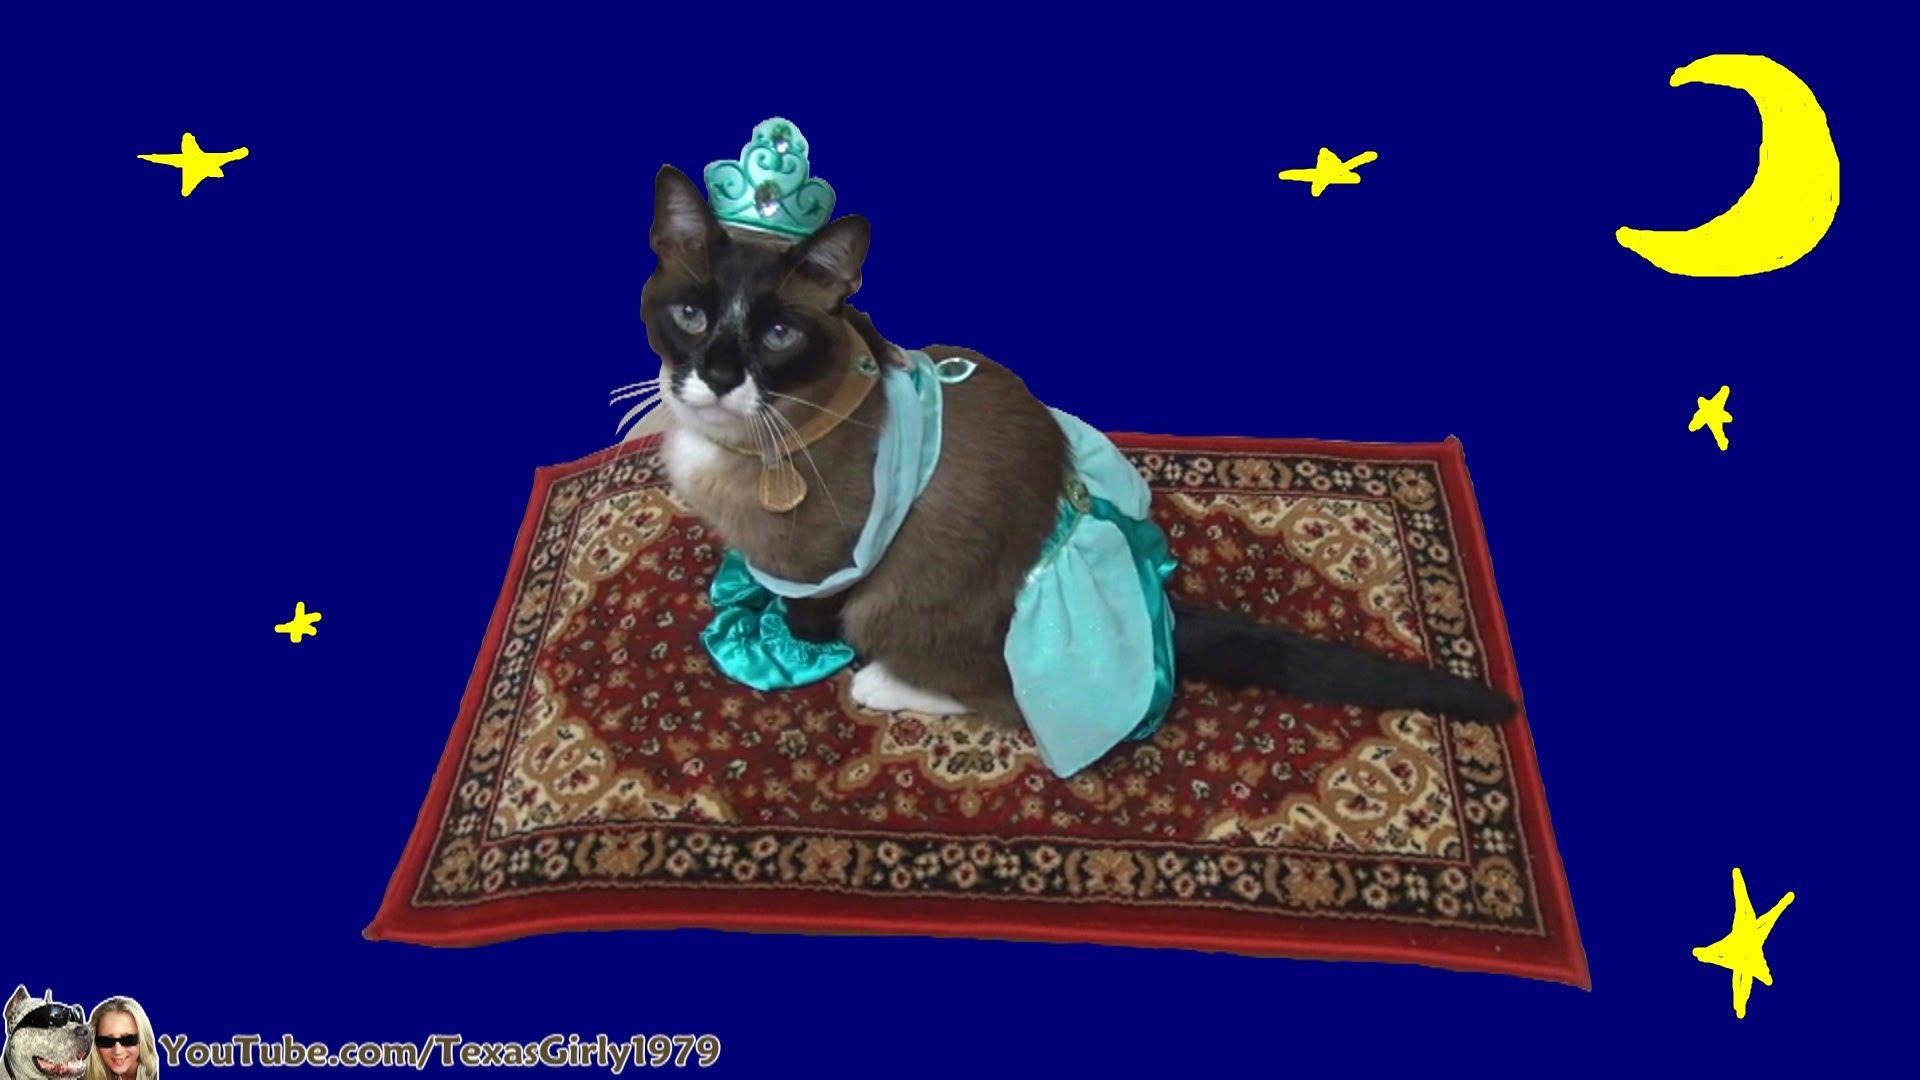 アラジンのコスプレで魔法のじゅうたんに乗る猫が可愛い動画